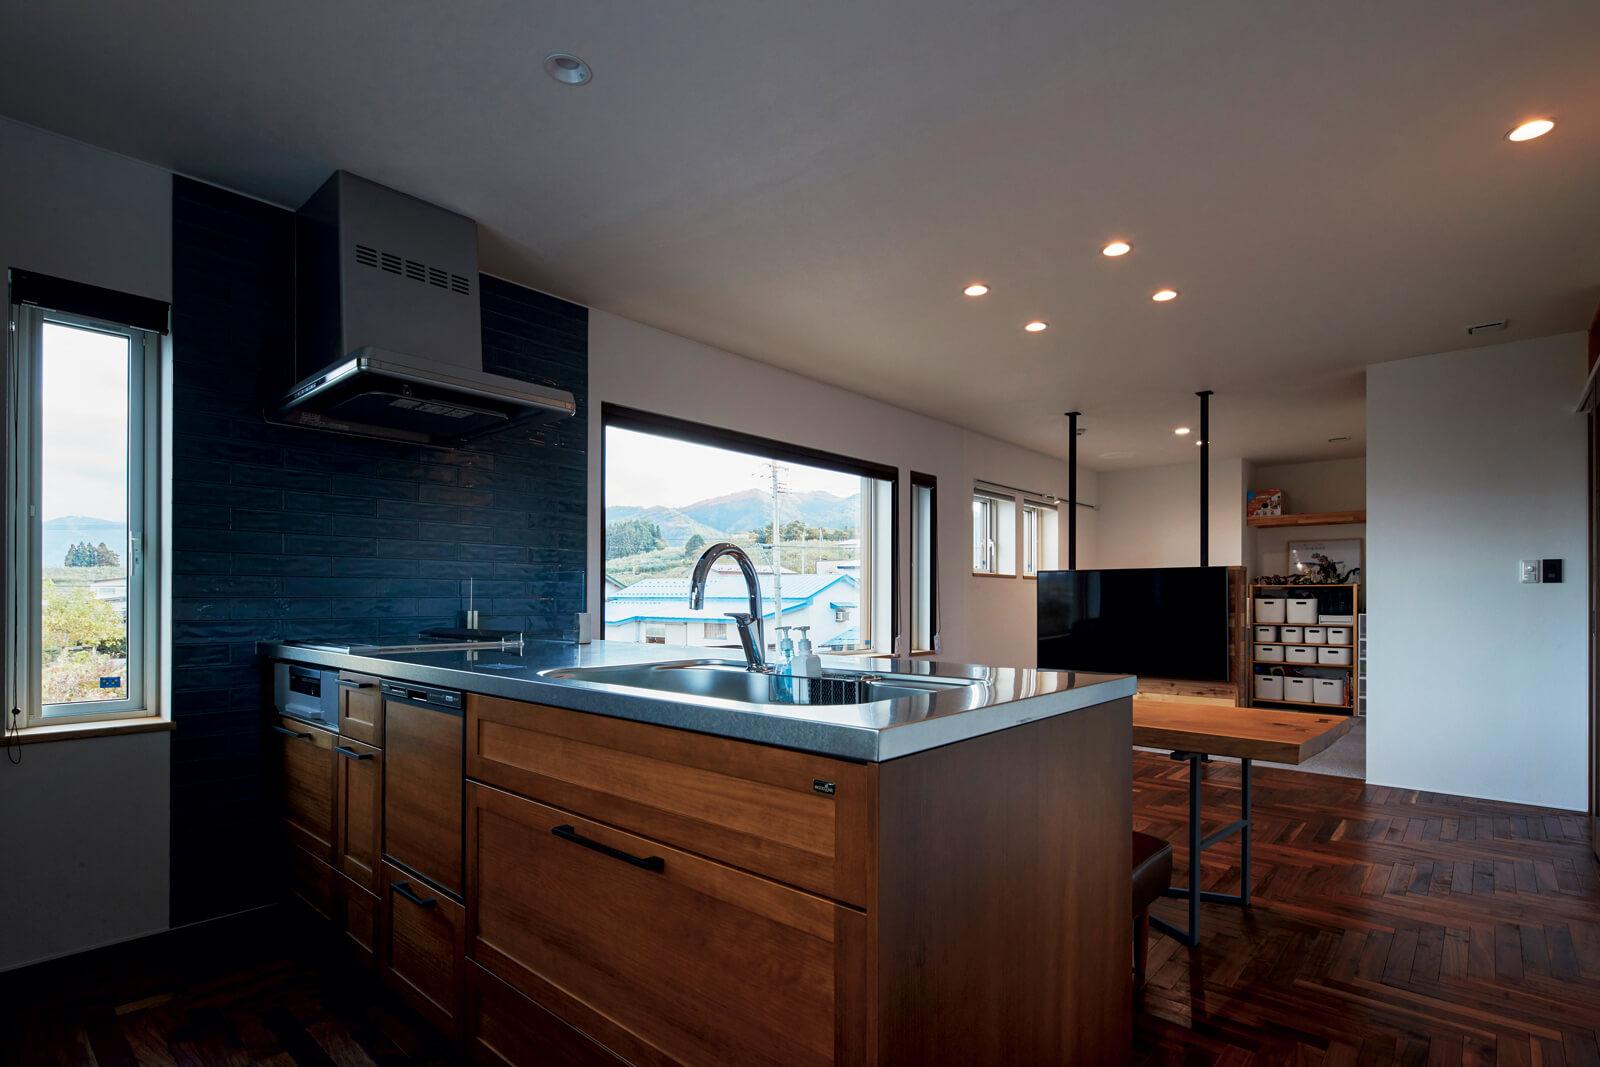 キッチンの面材も木を選んで空間に統一感を与えた。リビングのテレビの奥は、将来子ども部屋として区切る予定